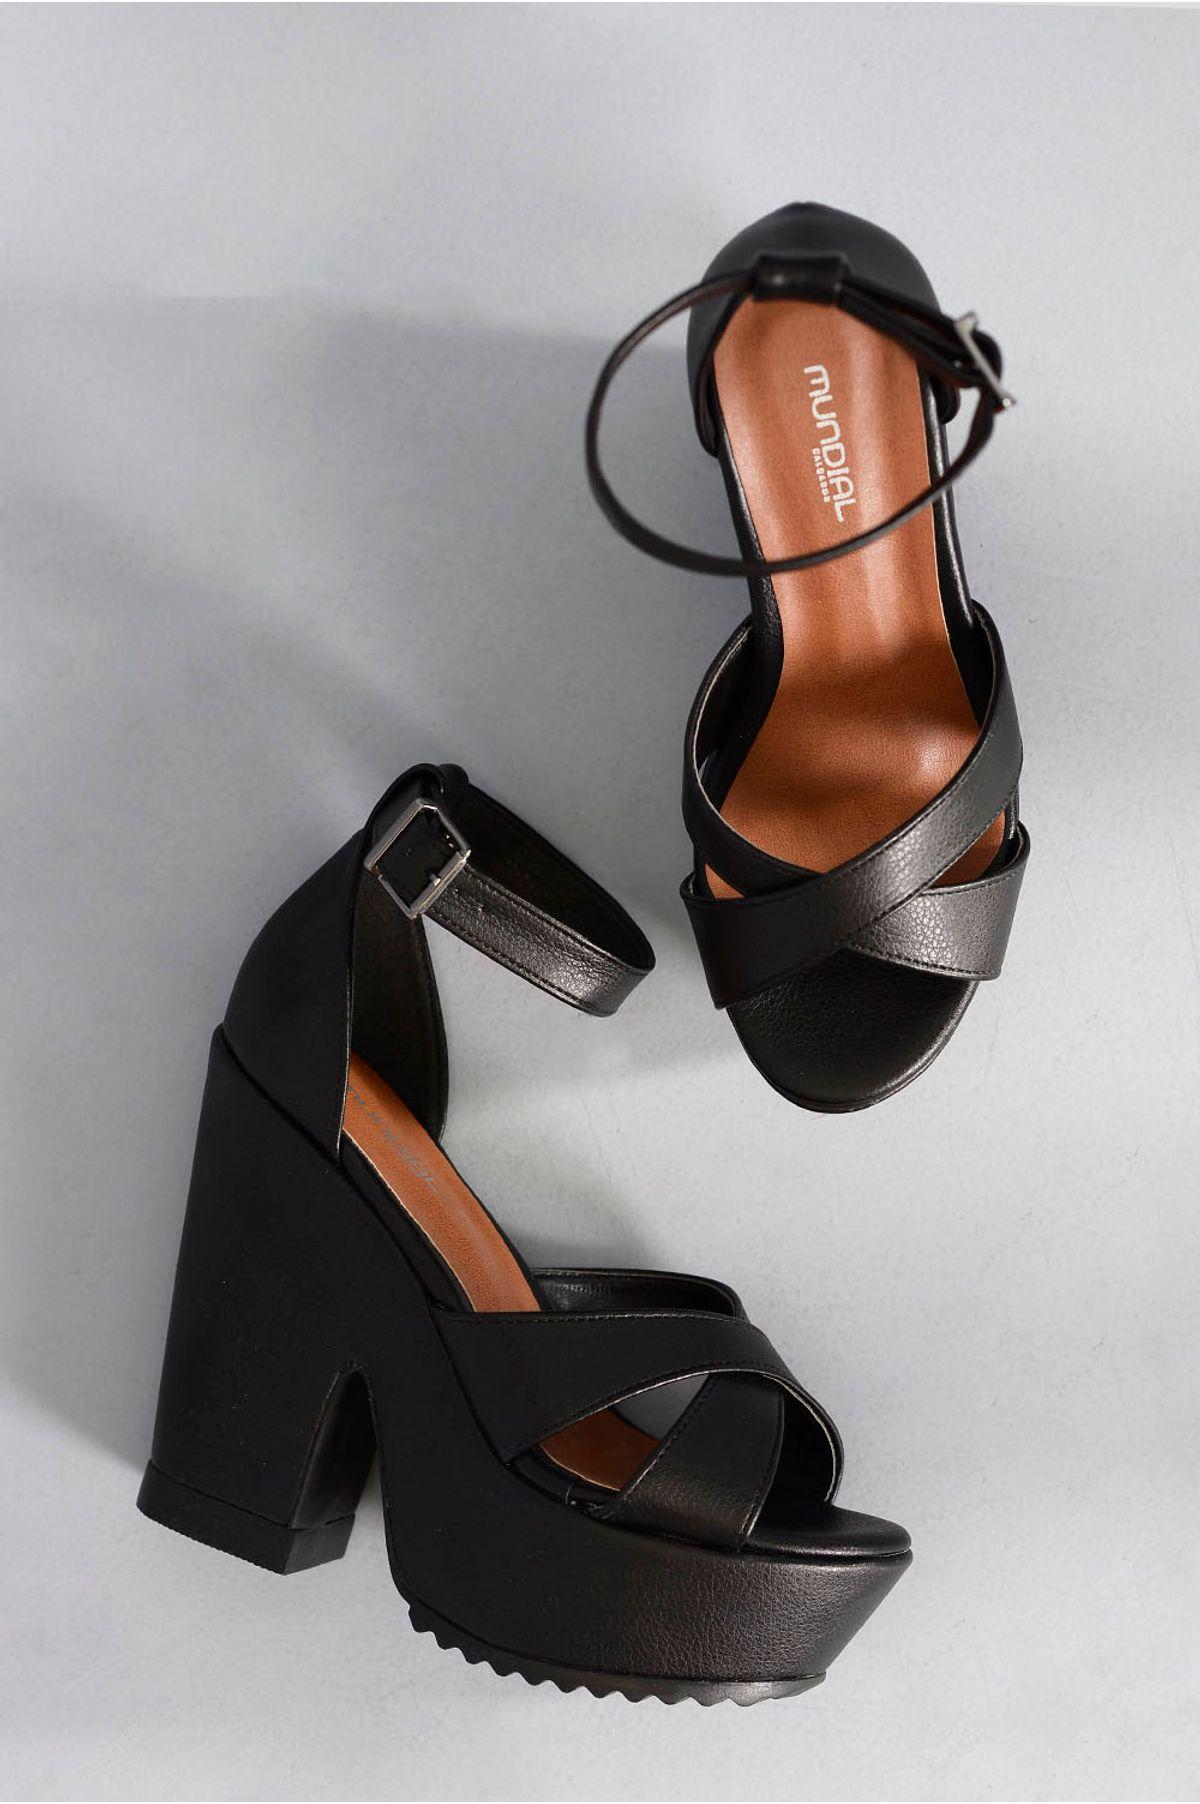 6e9028be3c Sandália Feminina Salto Alto Margret Mundial PRETO - Mundial Calçados